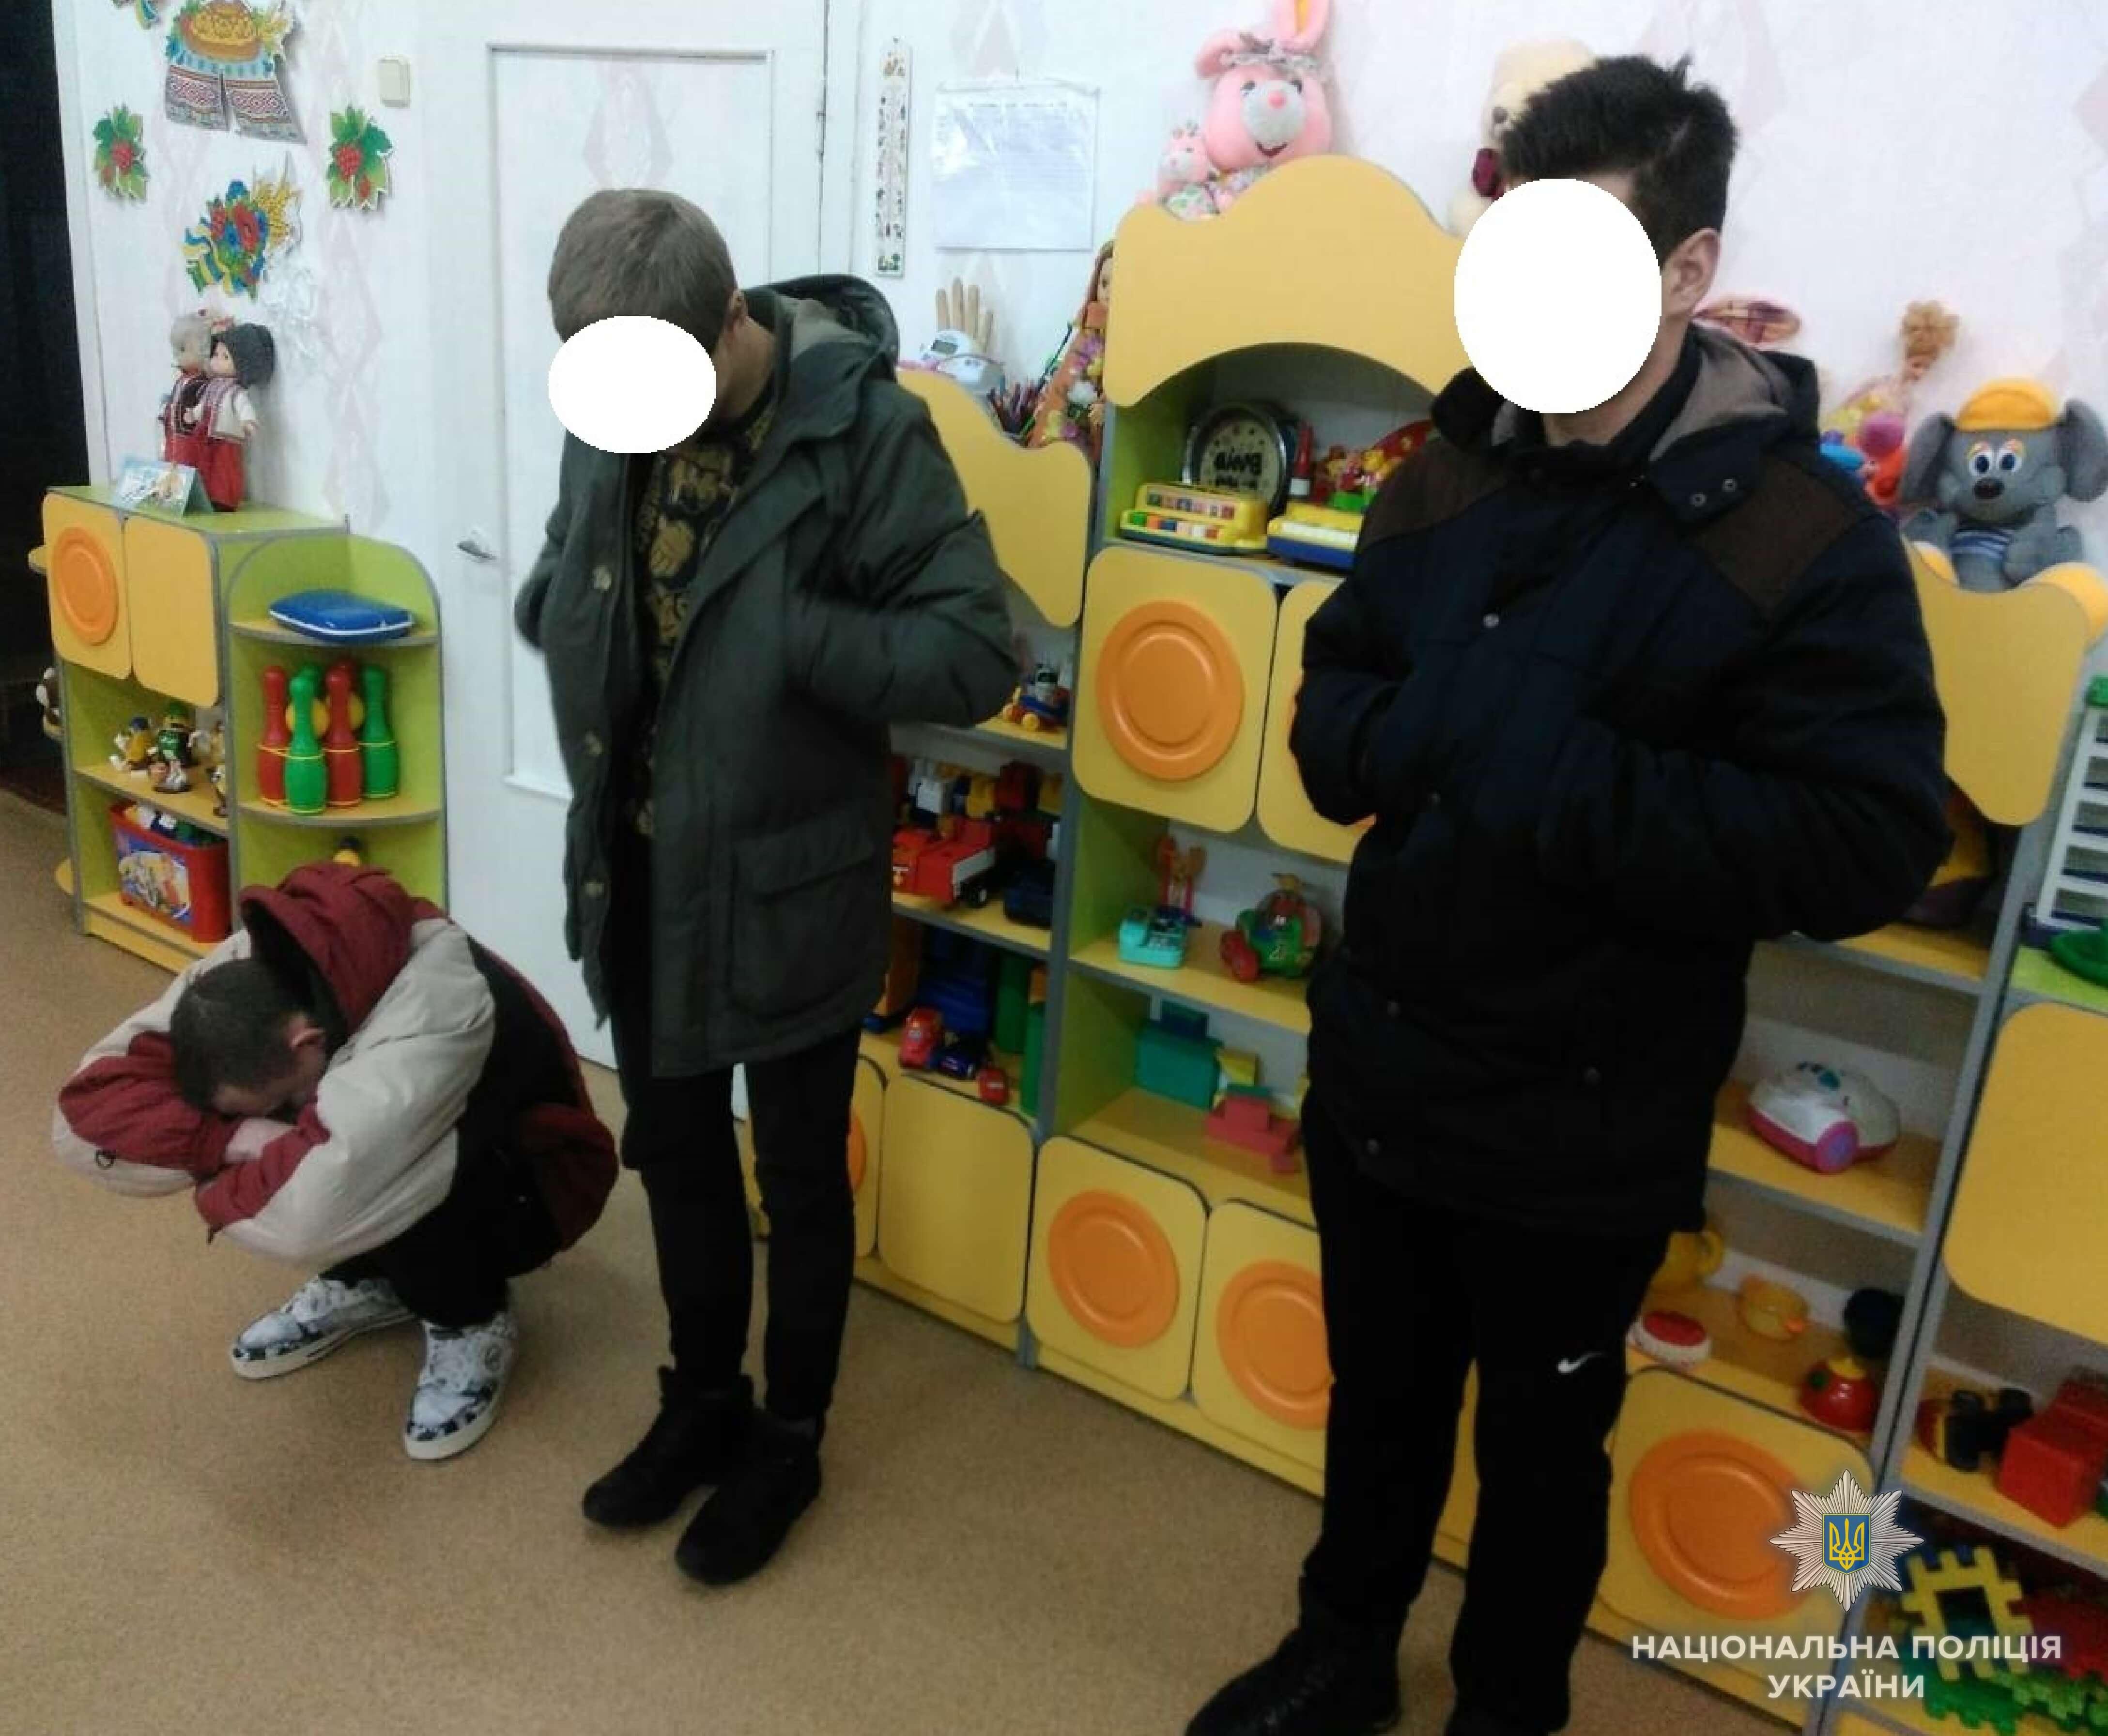 Трое молодых парней решили погреться под музыку, ограбив детсад